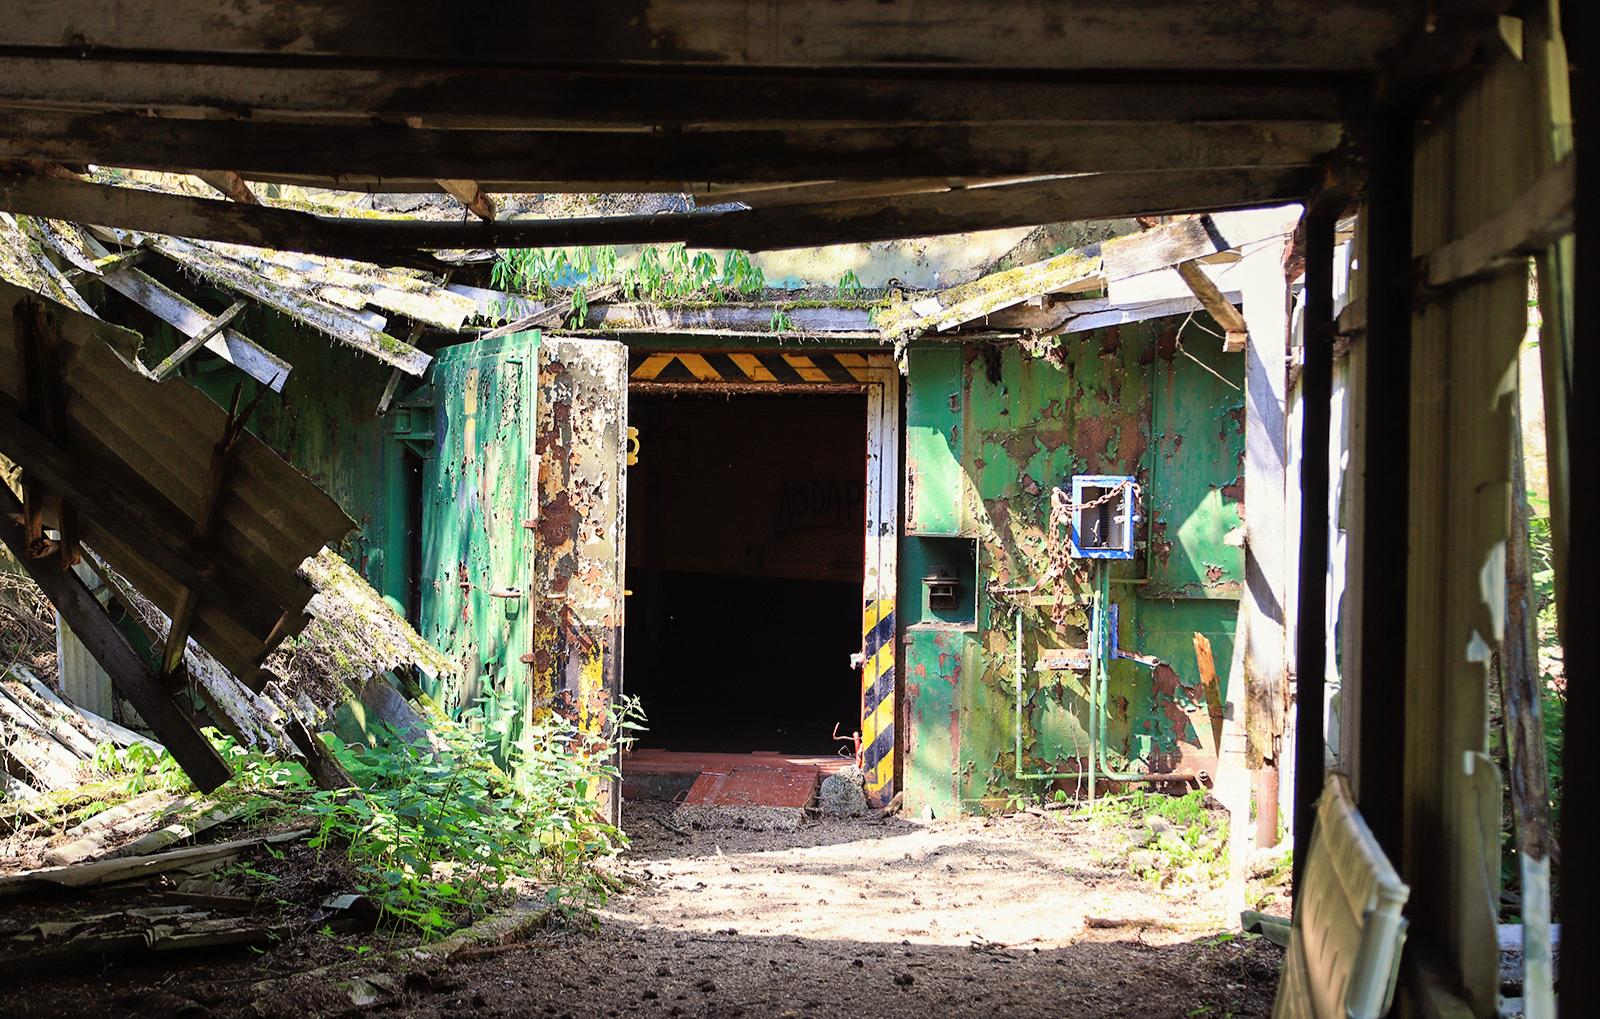 bunkerfuehrung-stolzenhain-bg1